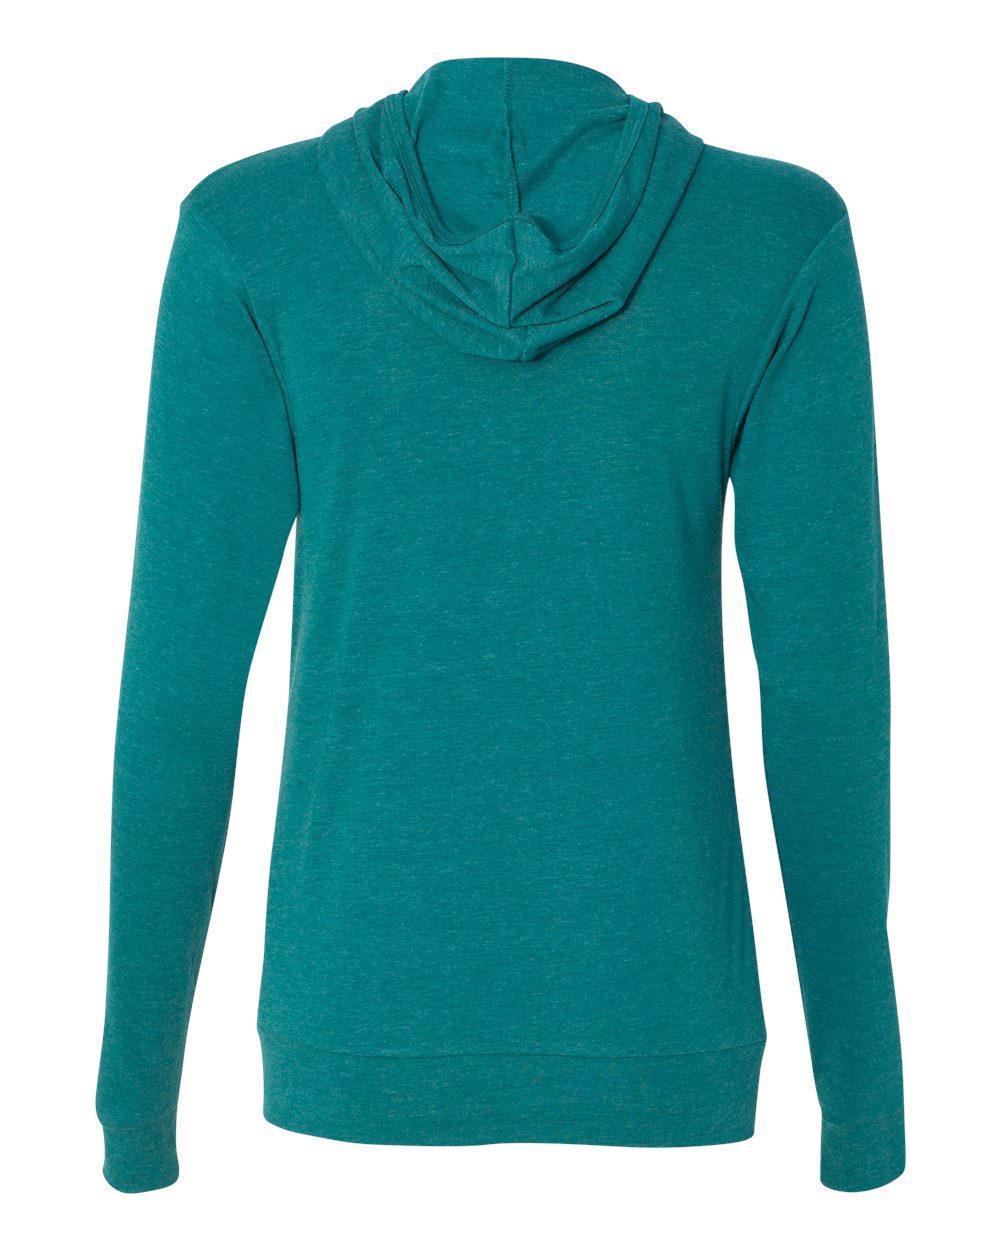 Bella-Canvas-Unisex-Triblend-Lightweight-Hooded-Full-Zip-T-Shirt-3939-upto-2XL thumbnail 34